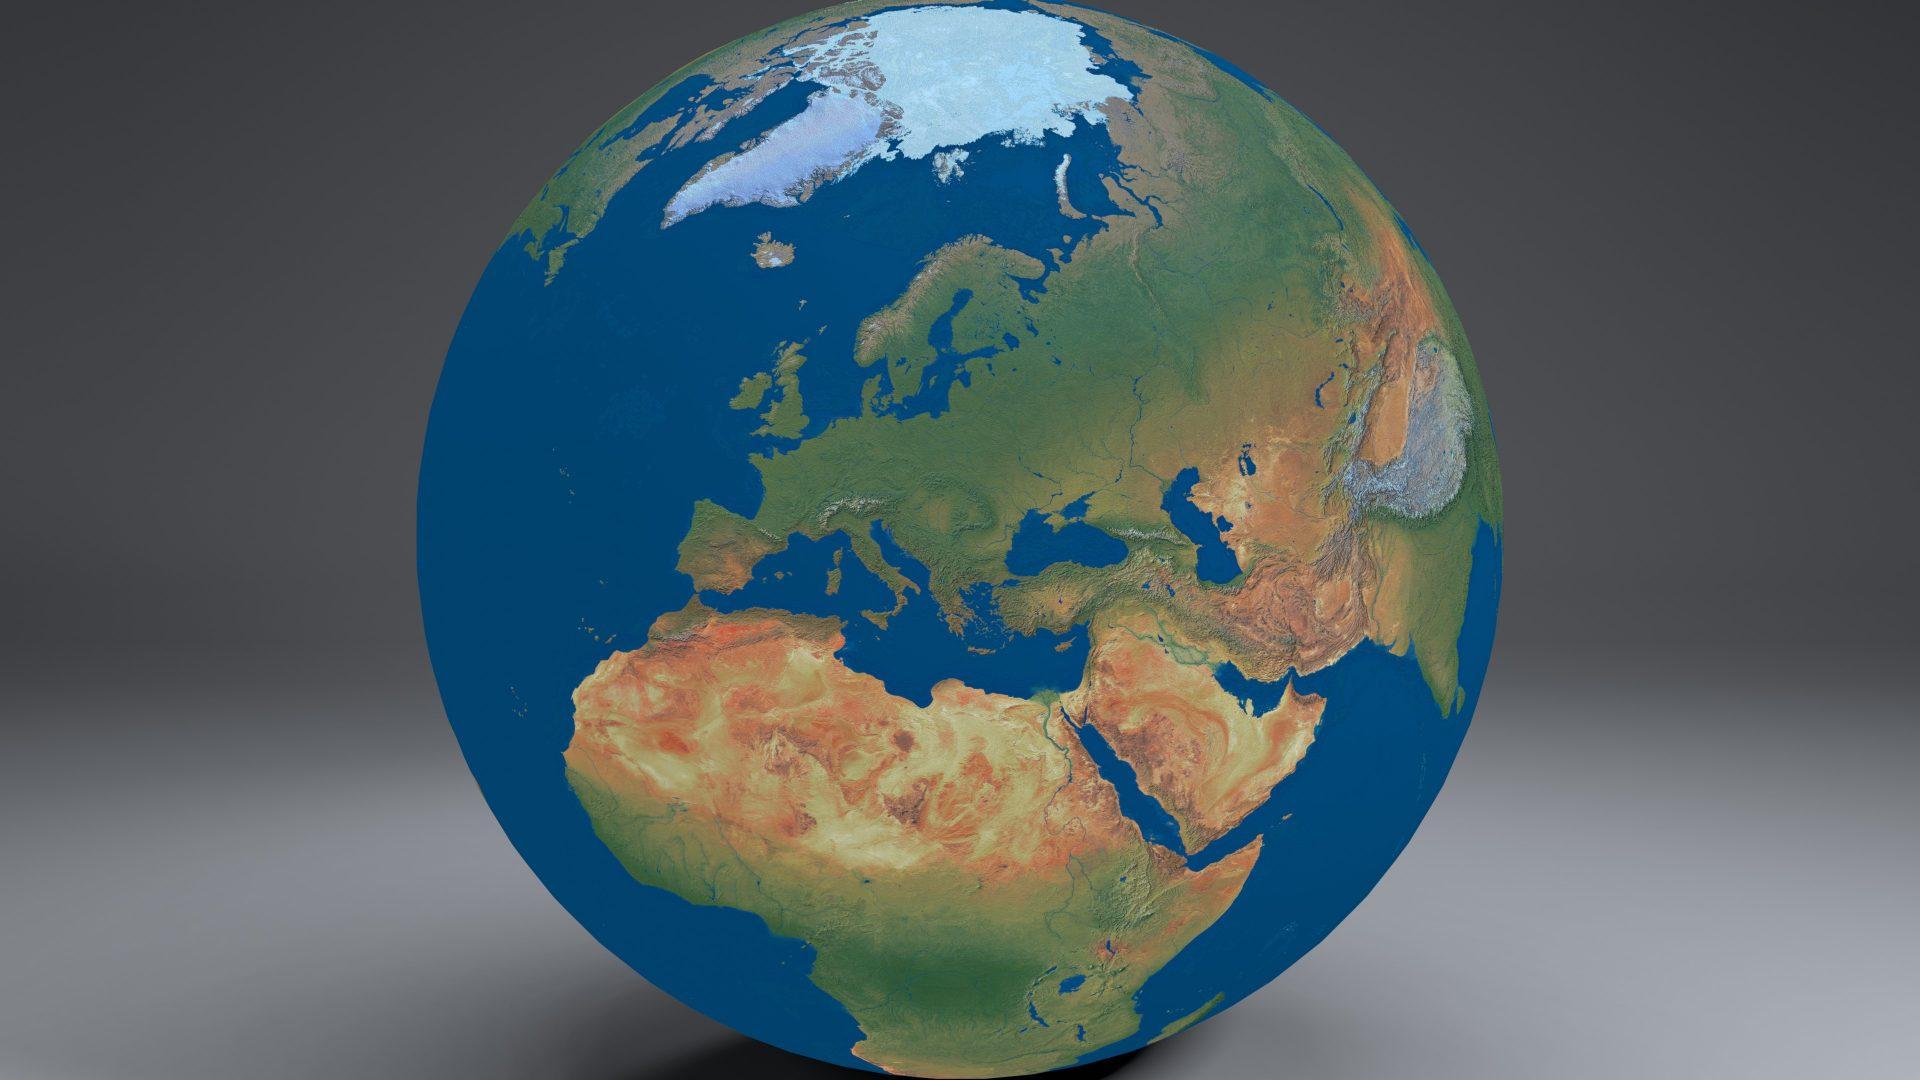 earthglobe16k 3d model 3ds fbx blend dae obj 212965